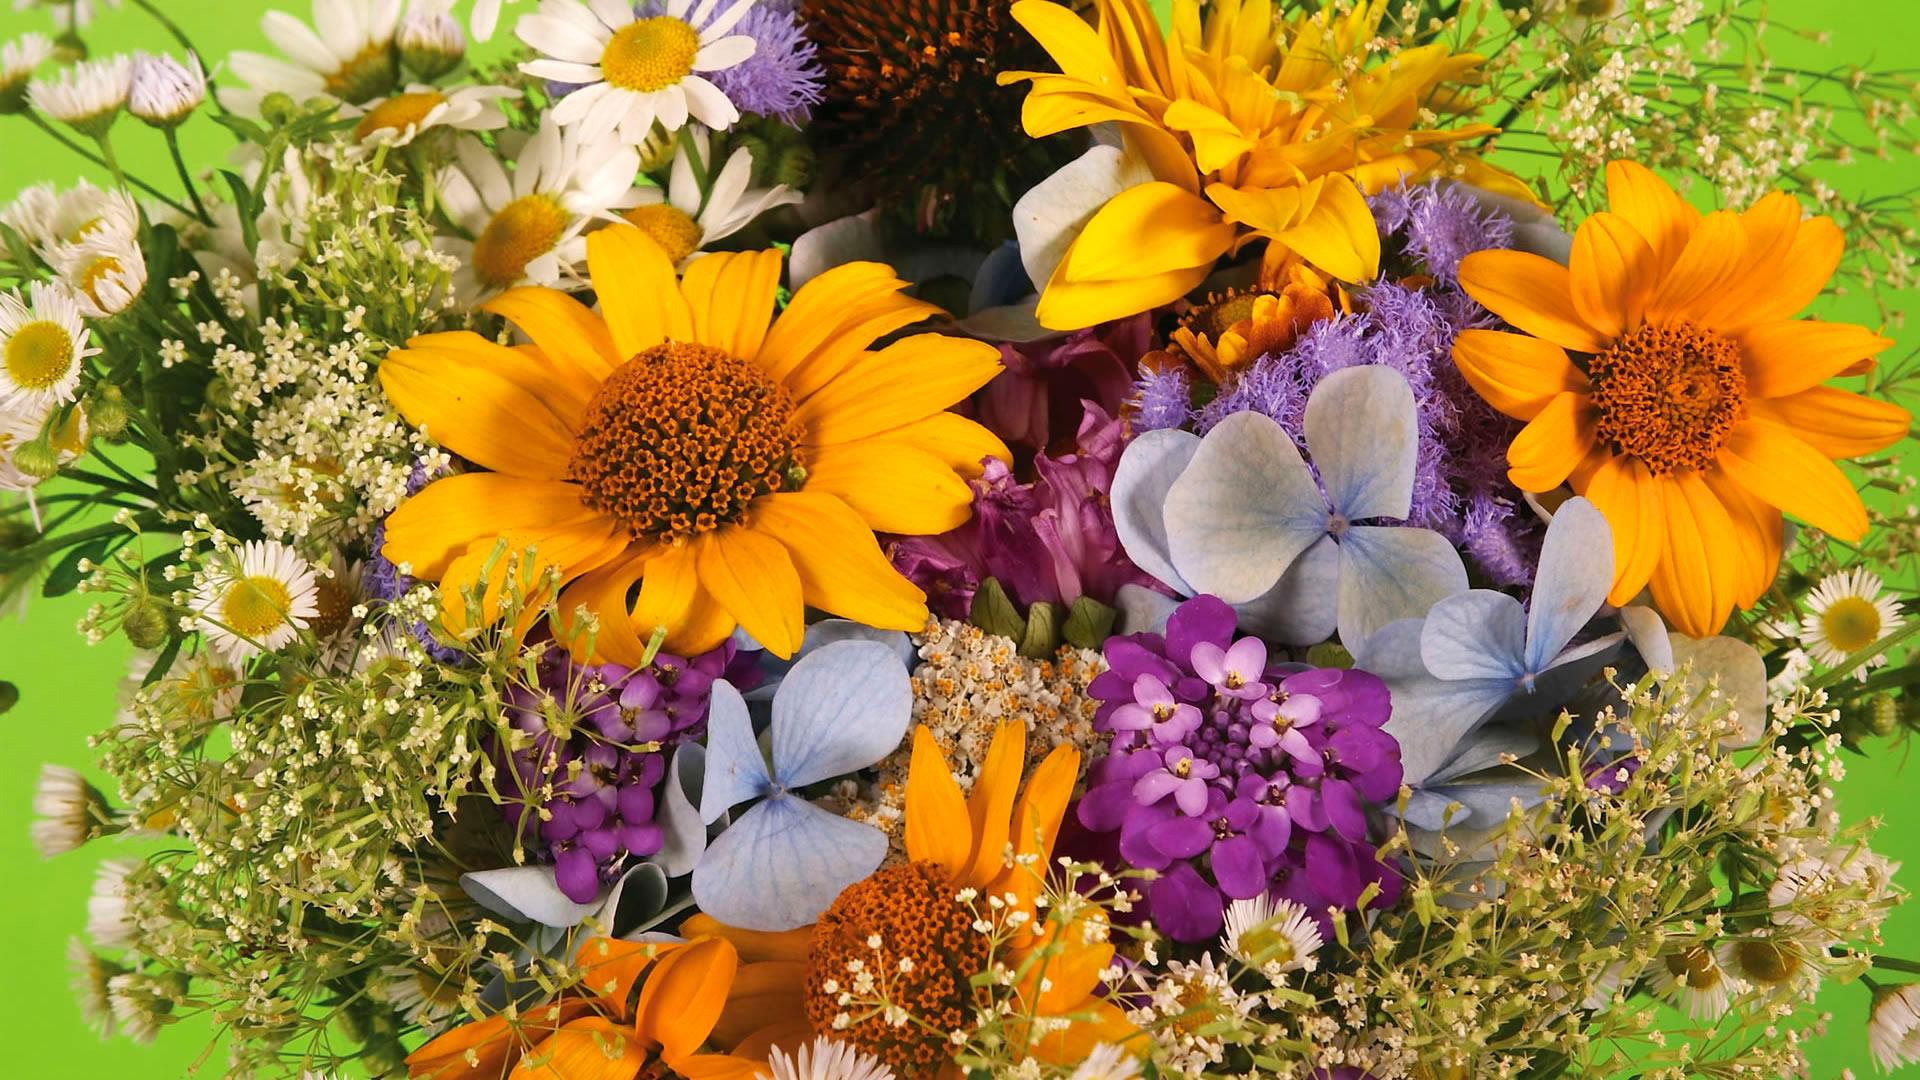 Обои красивые весенние цветы